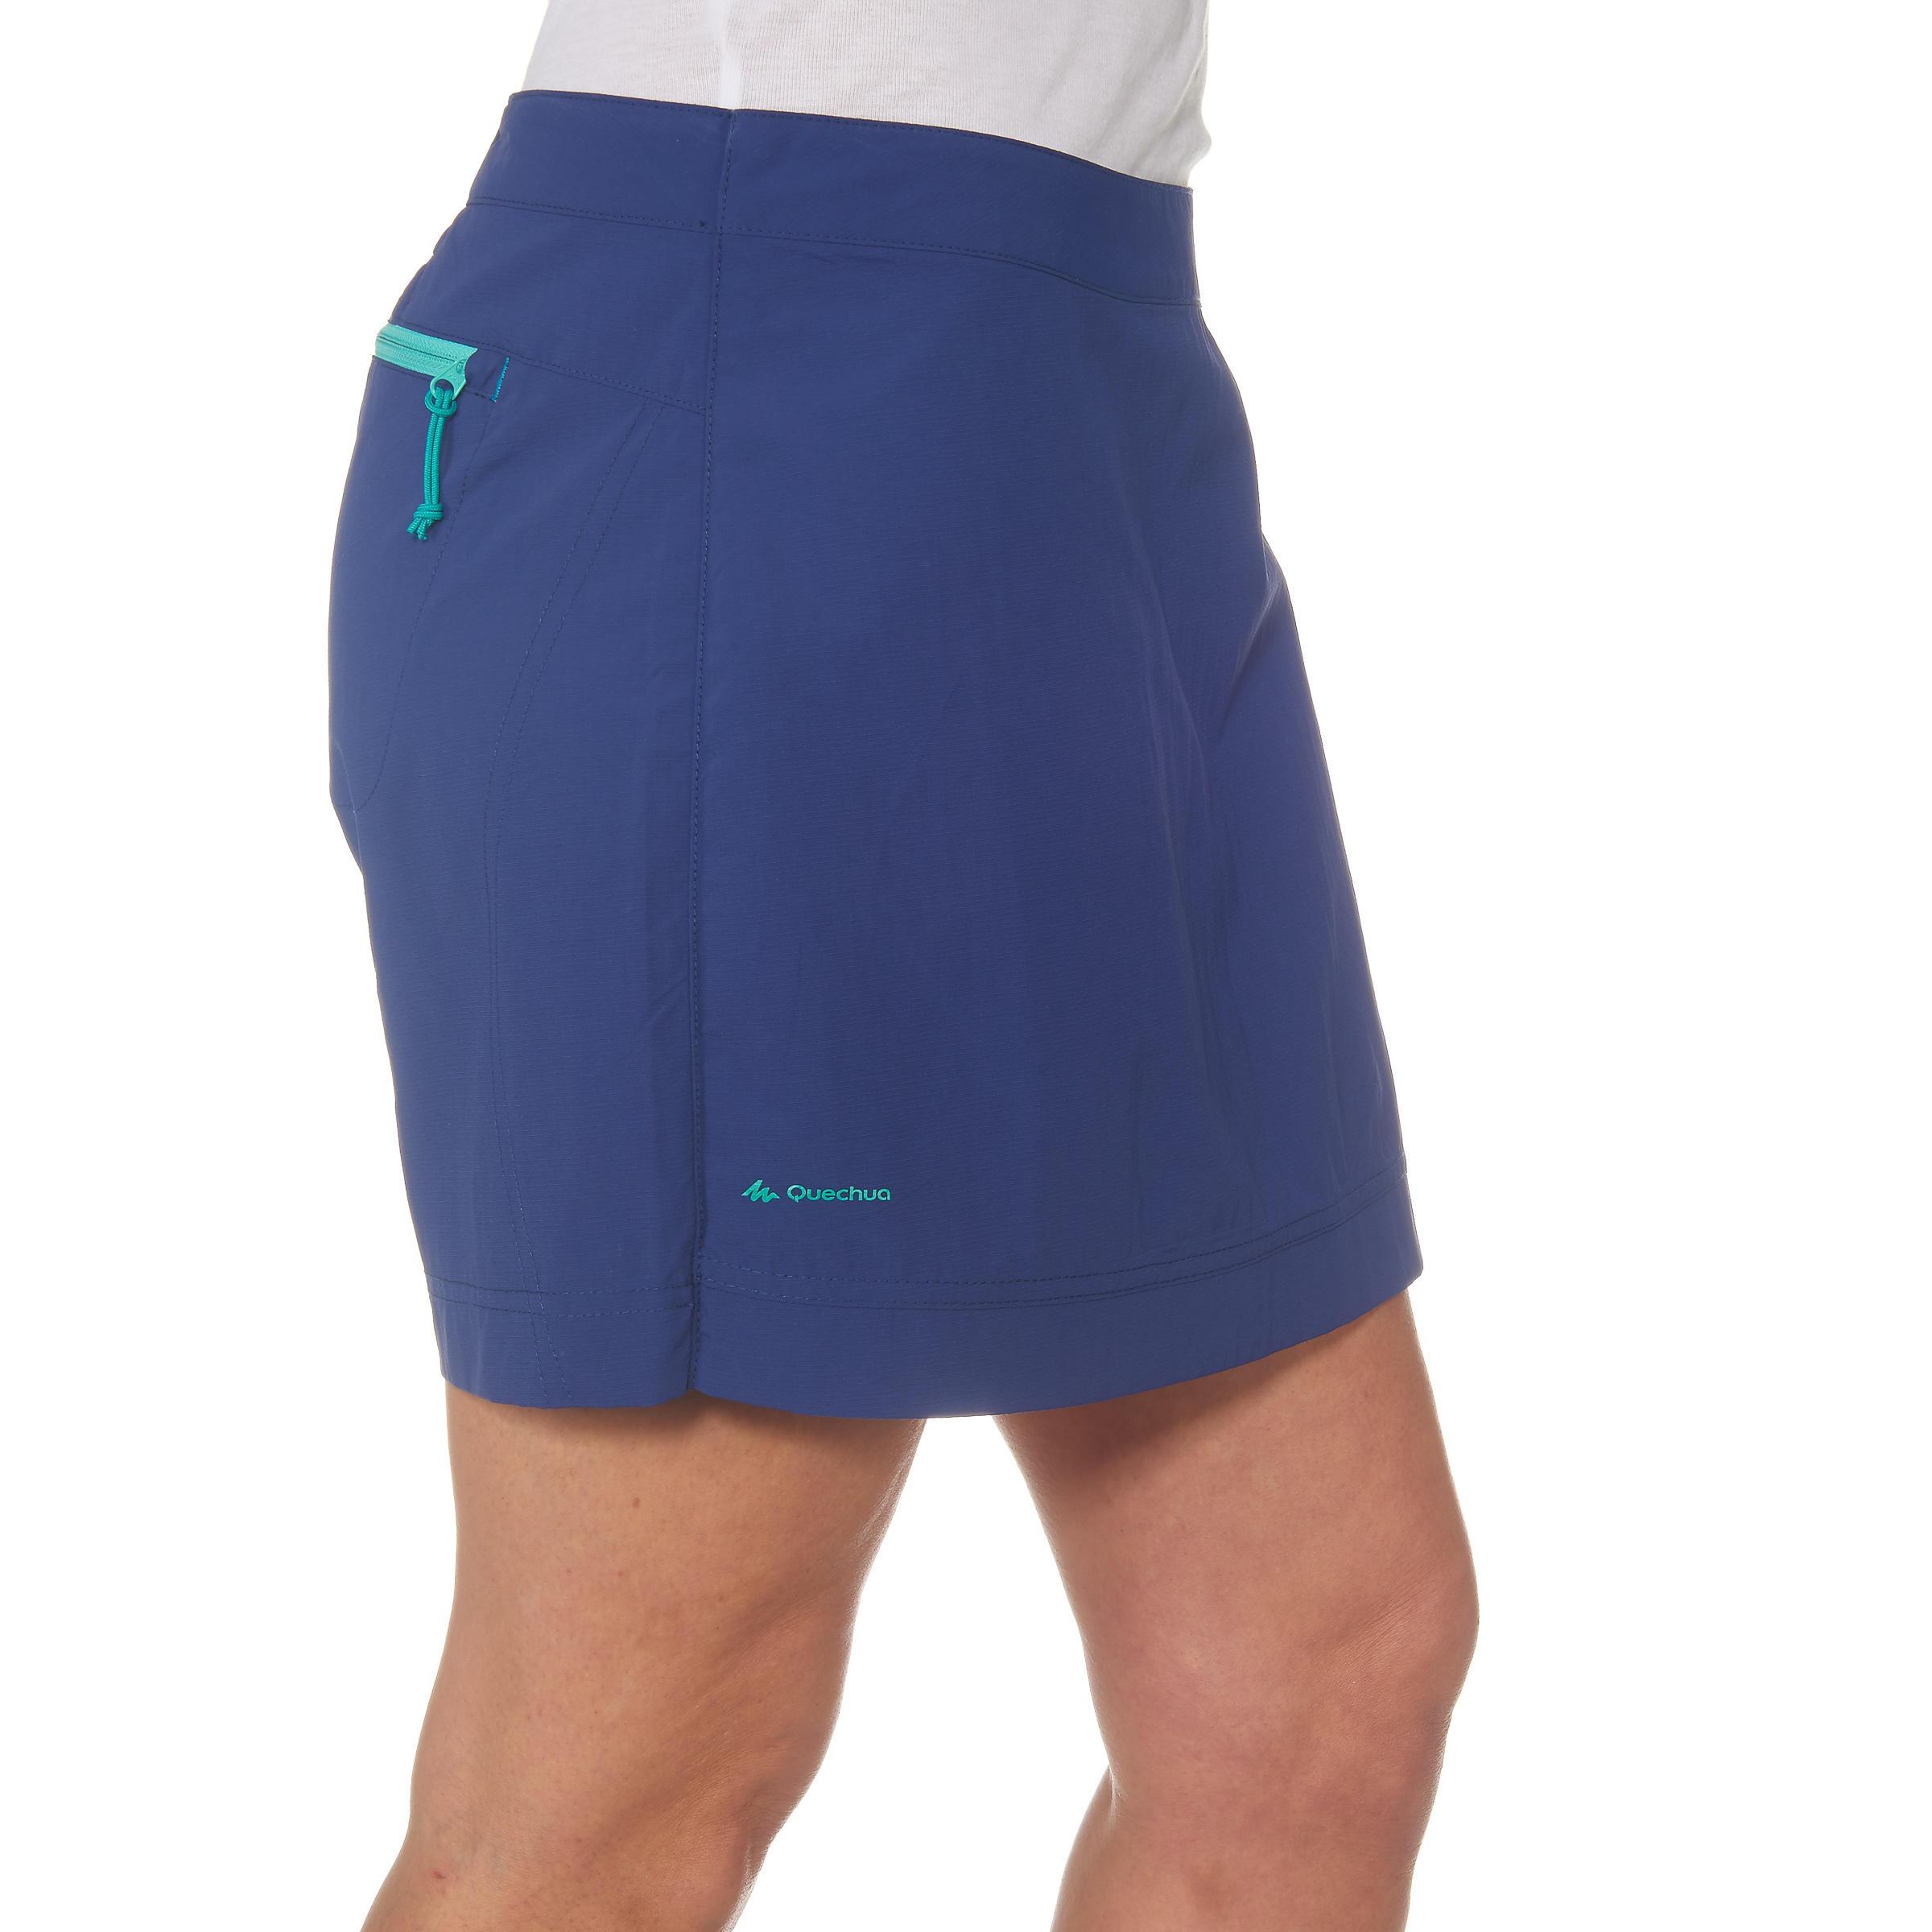 Jupe Bleu Decathlon Short Martinique Randonnée Forclaz Femme 100 SzVUMp